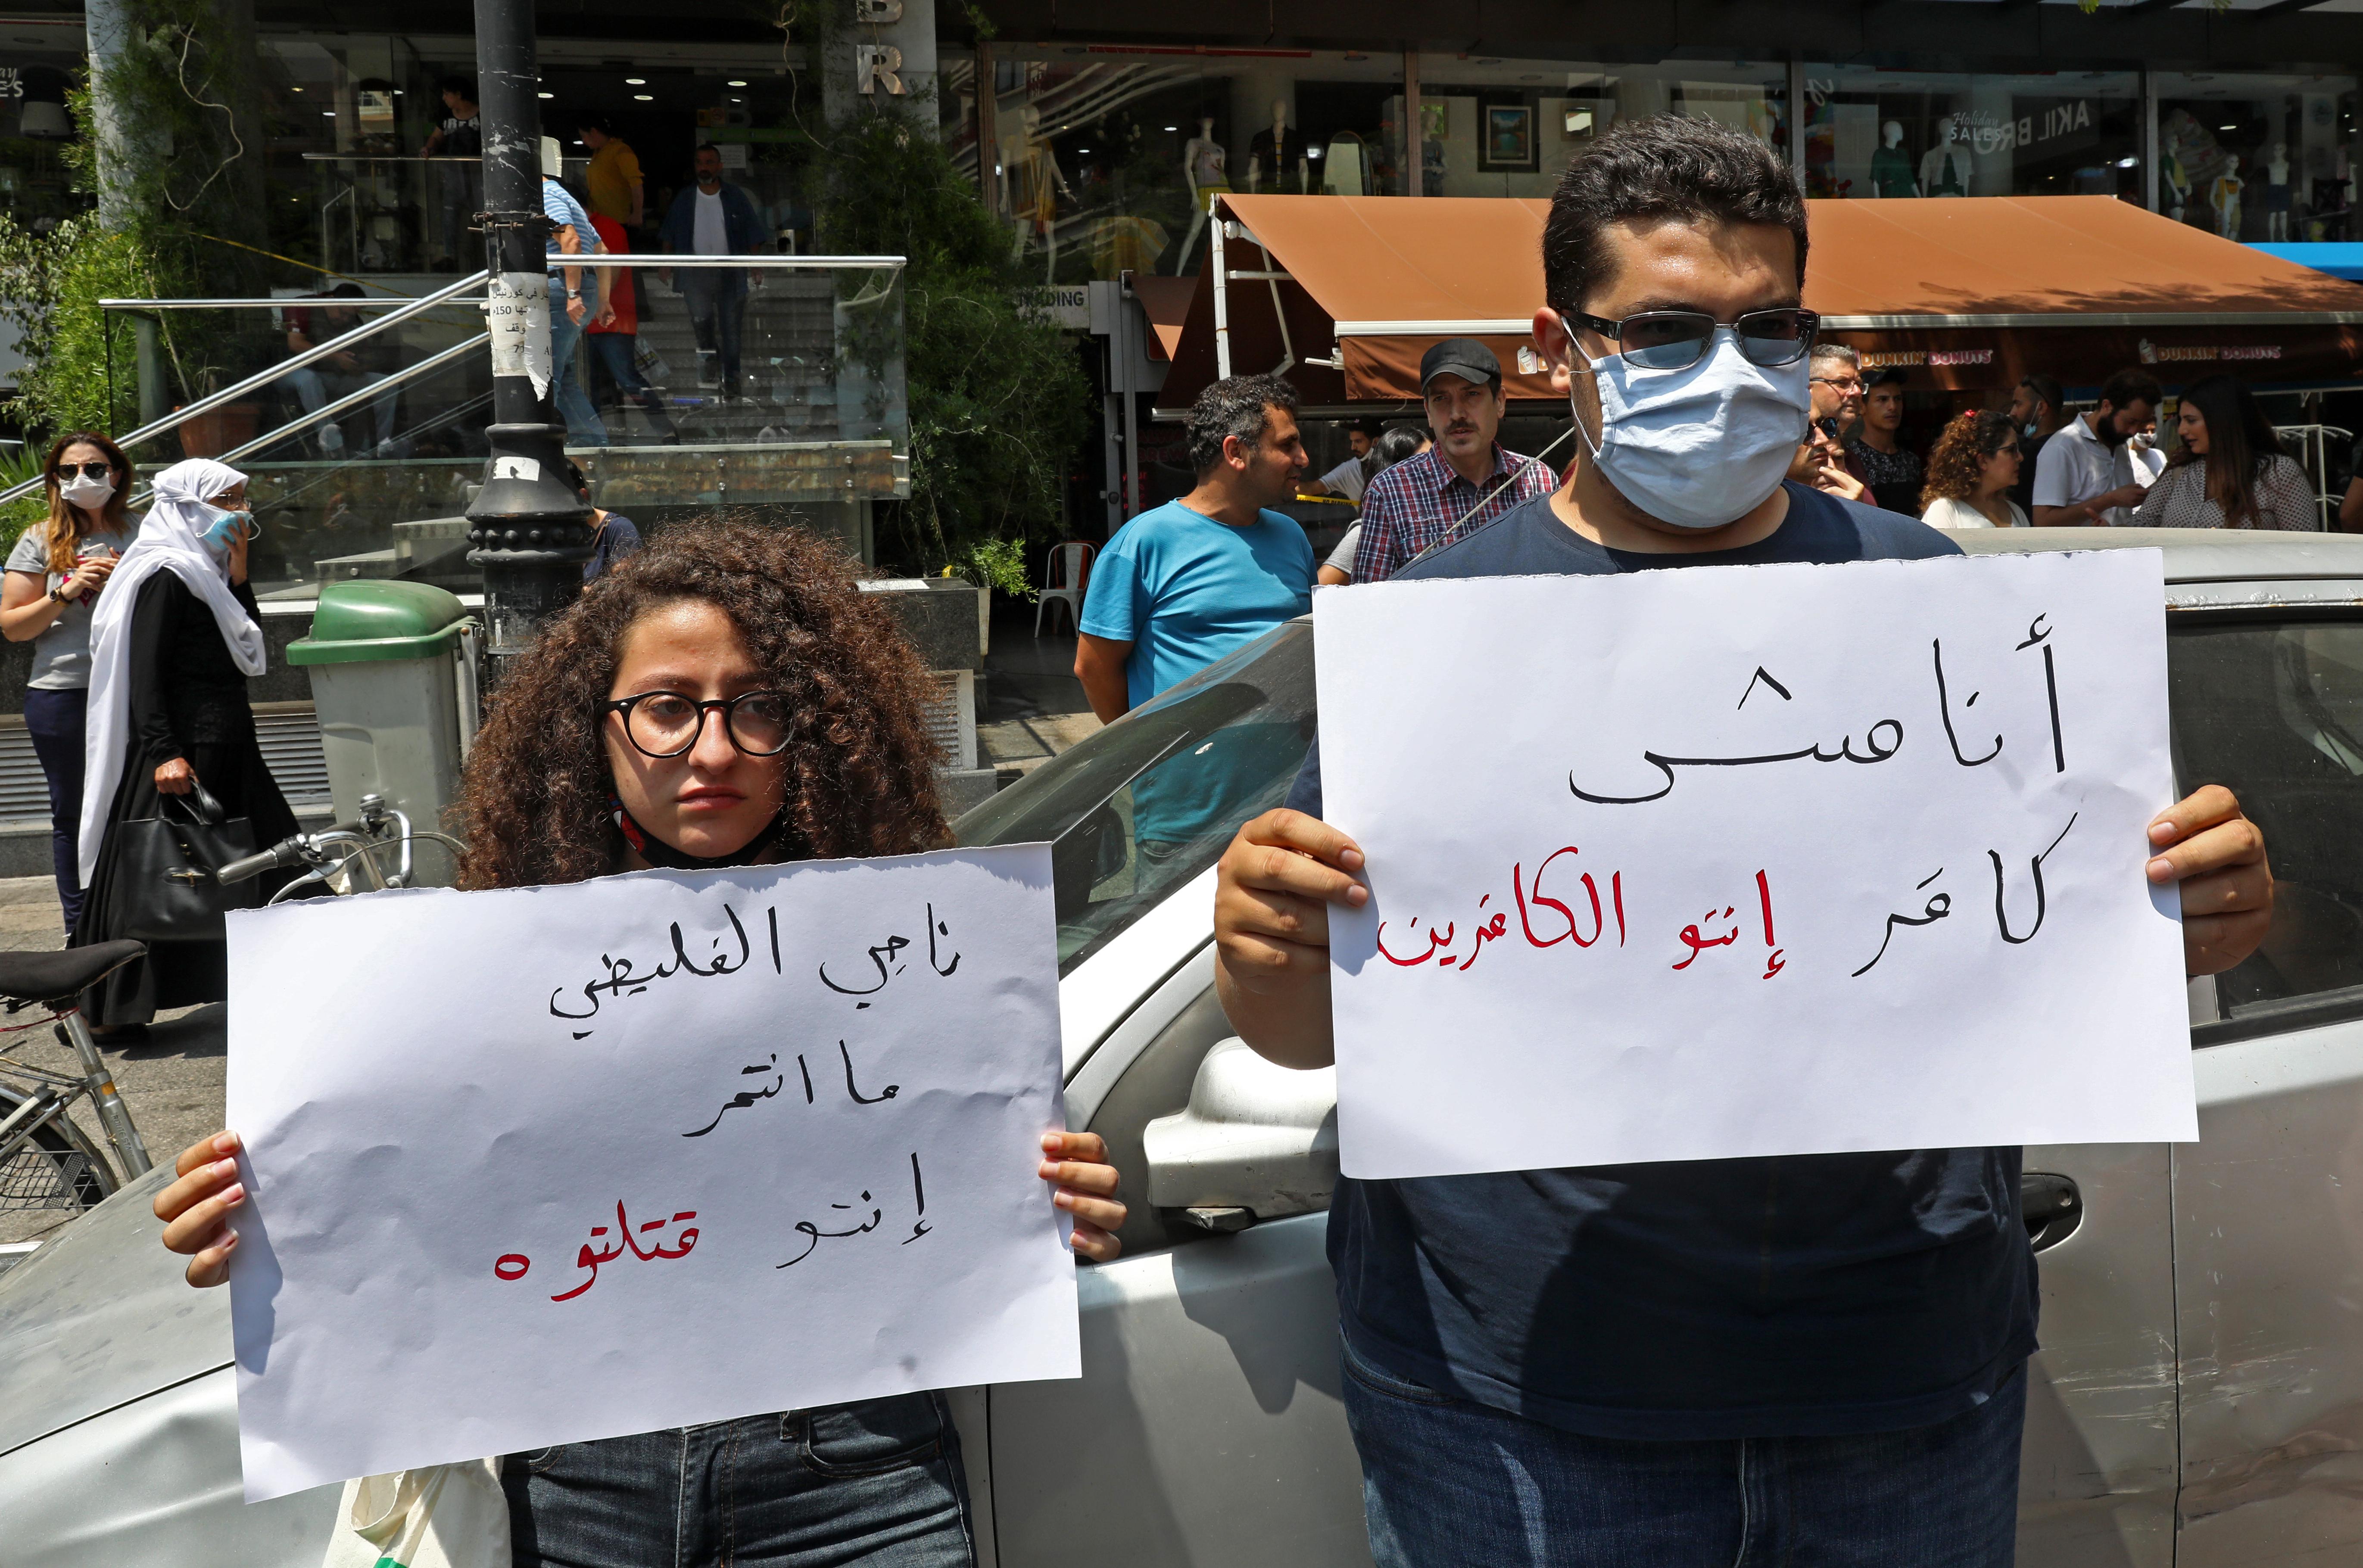 احتجاجات عقب انتحار مواطن لبناني بسبب سوء الأوضاع المعيشية